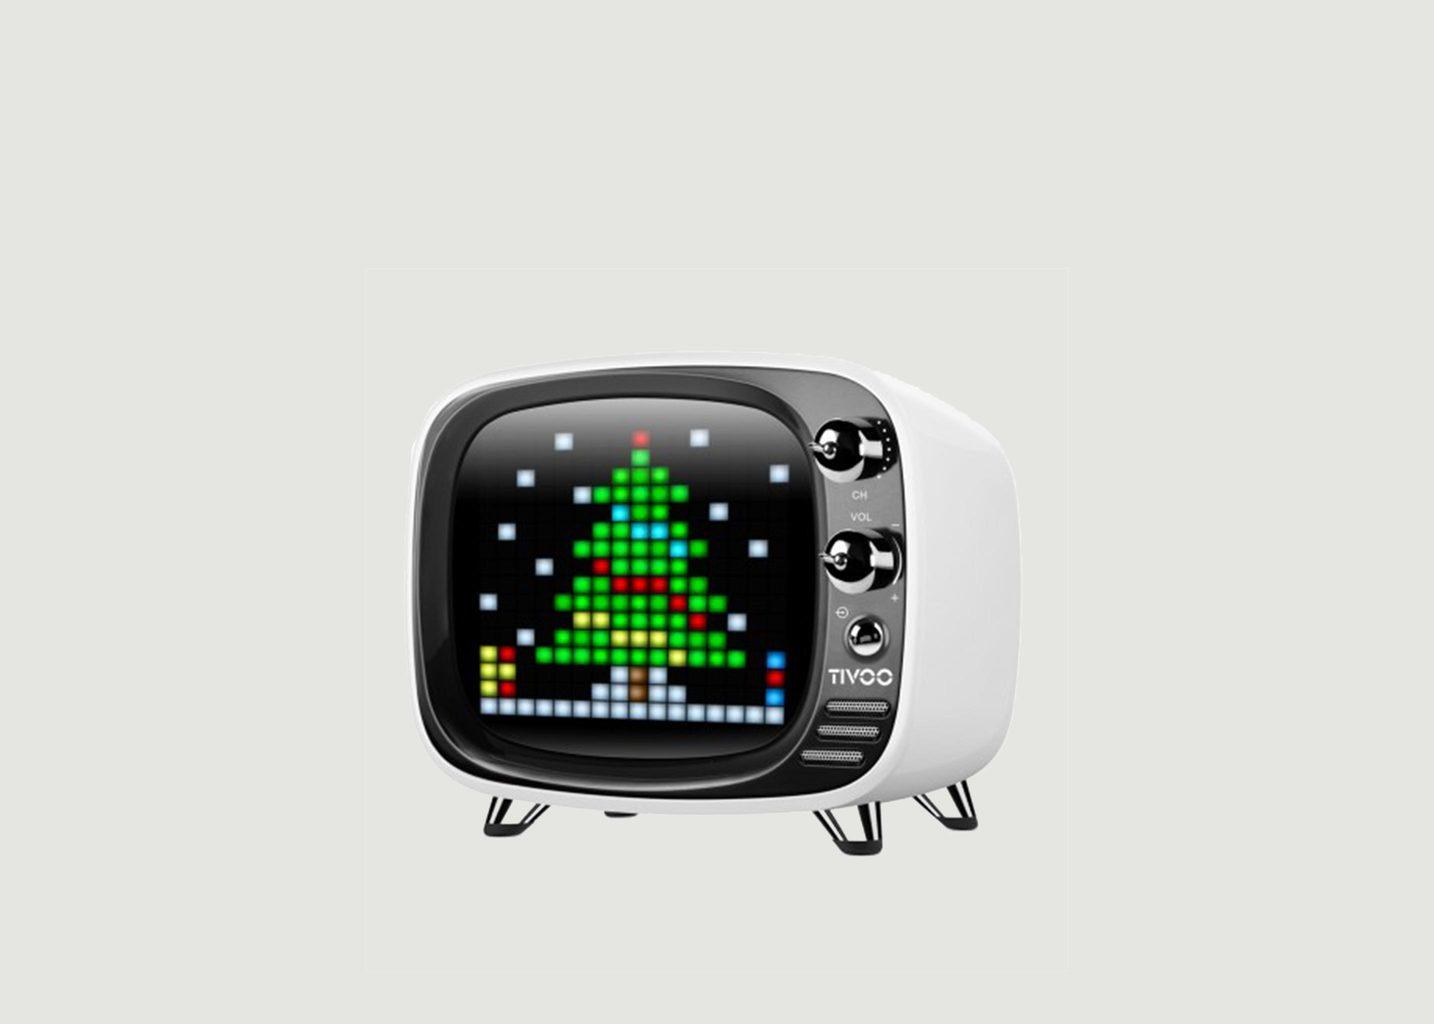 Enceinte Bluetooth TV Tivoo - Locomocean